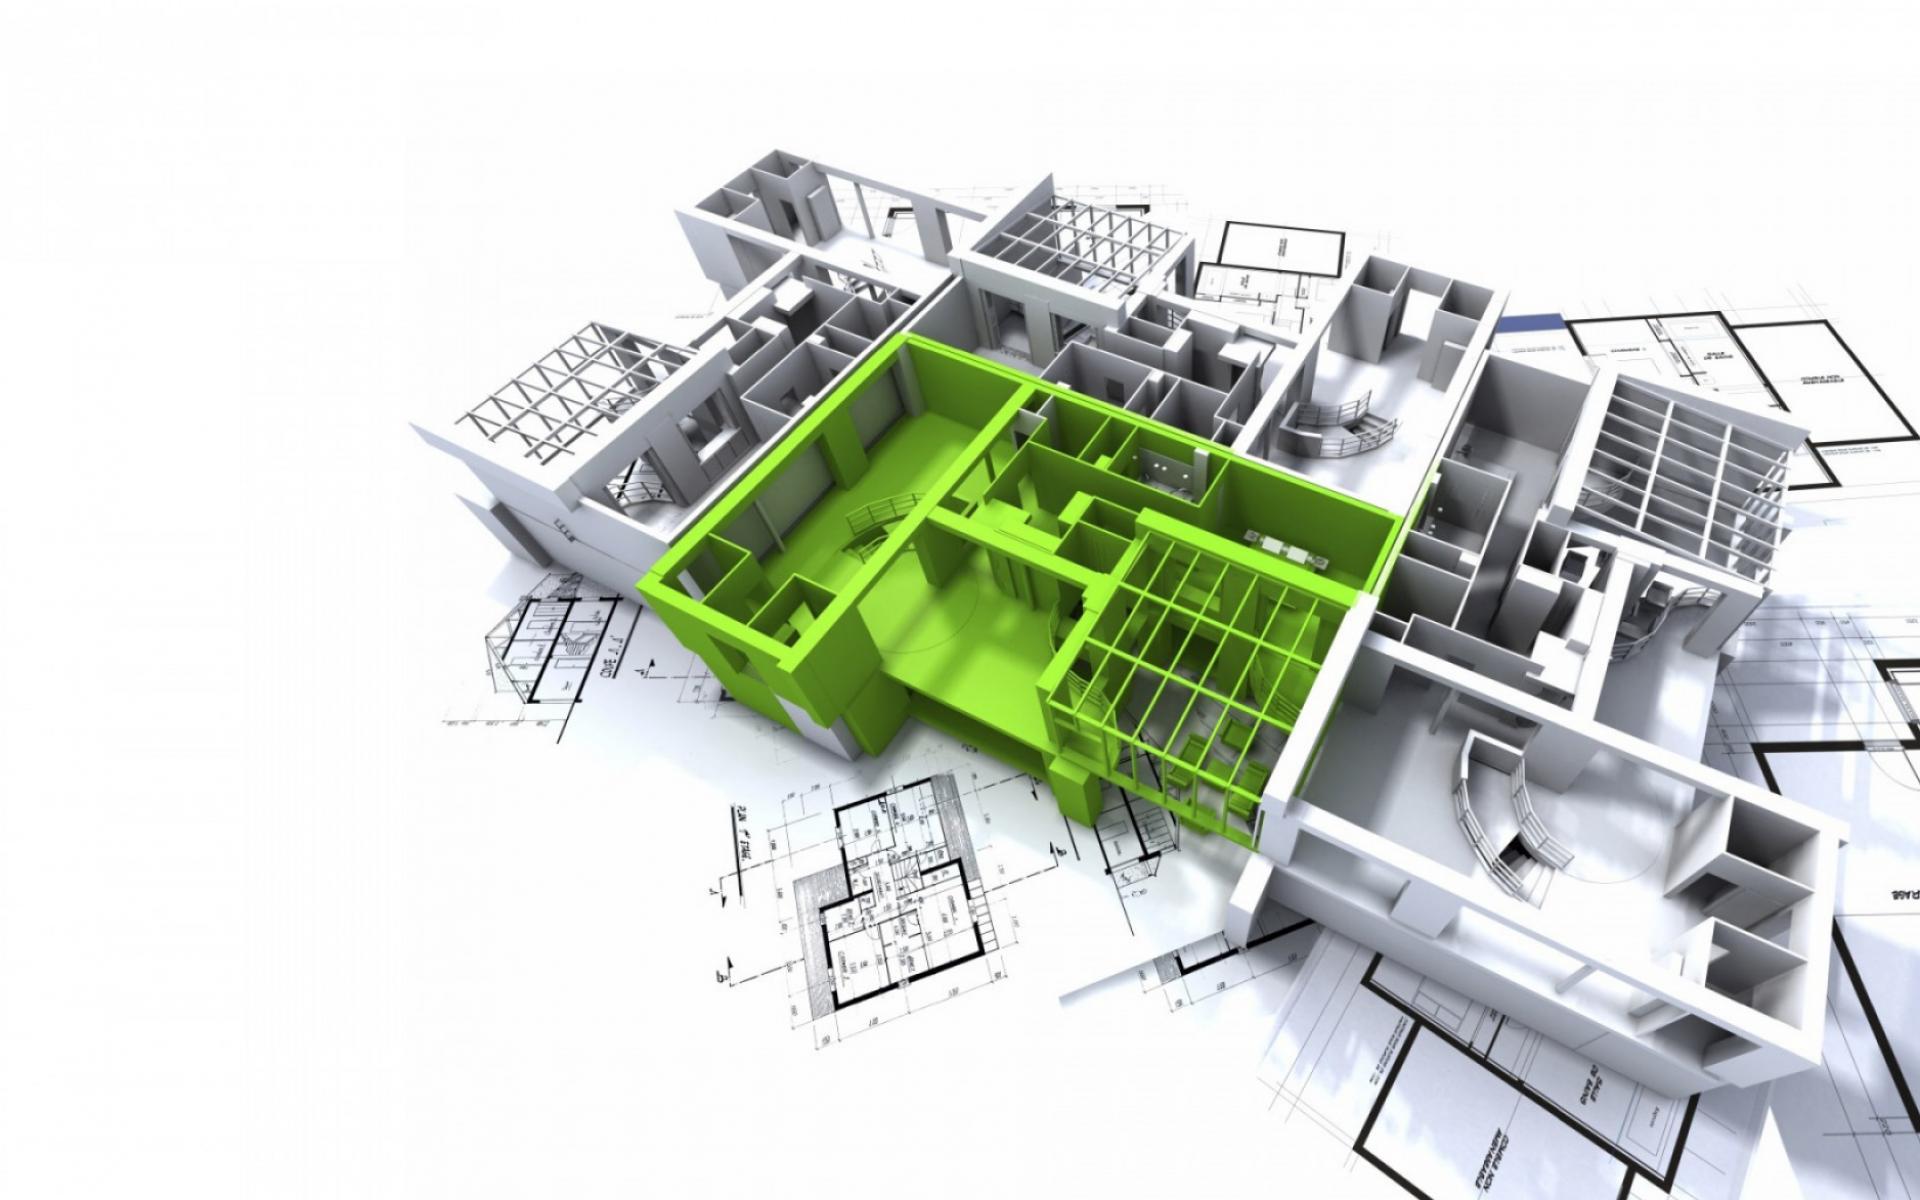 здание, строительство, фото, обои для рабочего стола